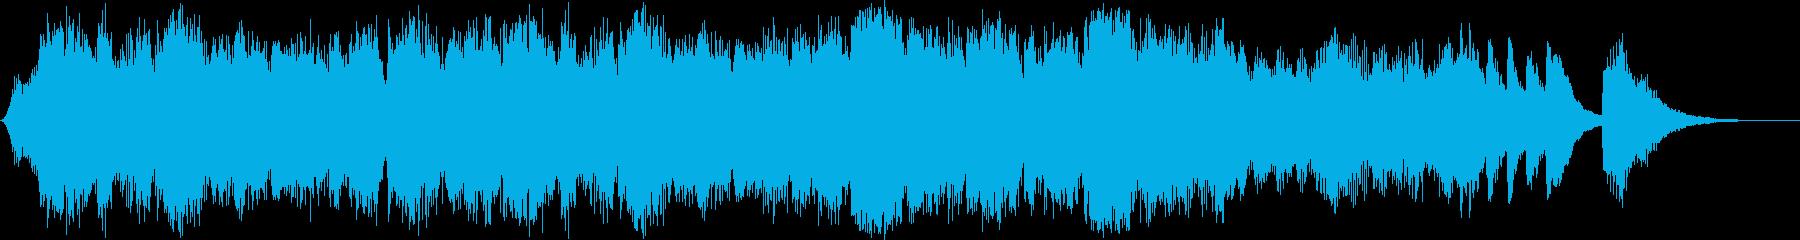 タイトル等に使えるオーケストラ風BGMの再生済みの波形